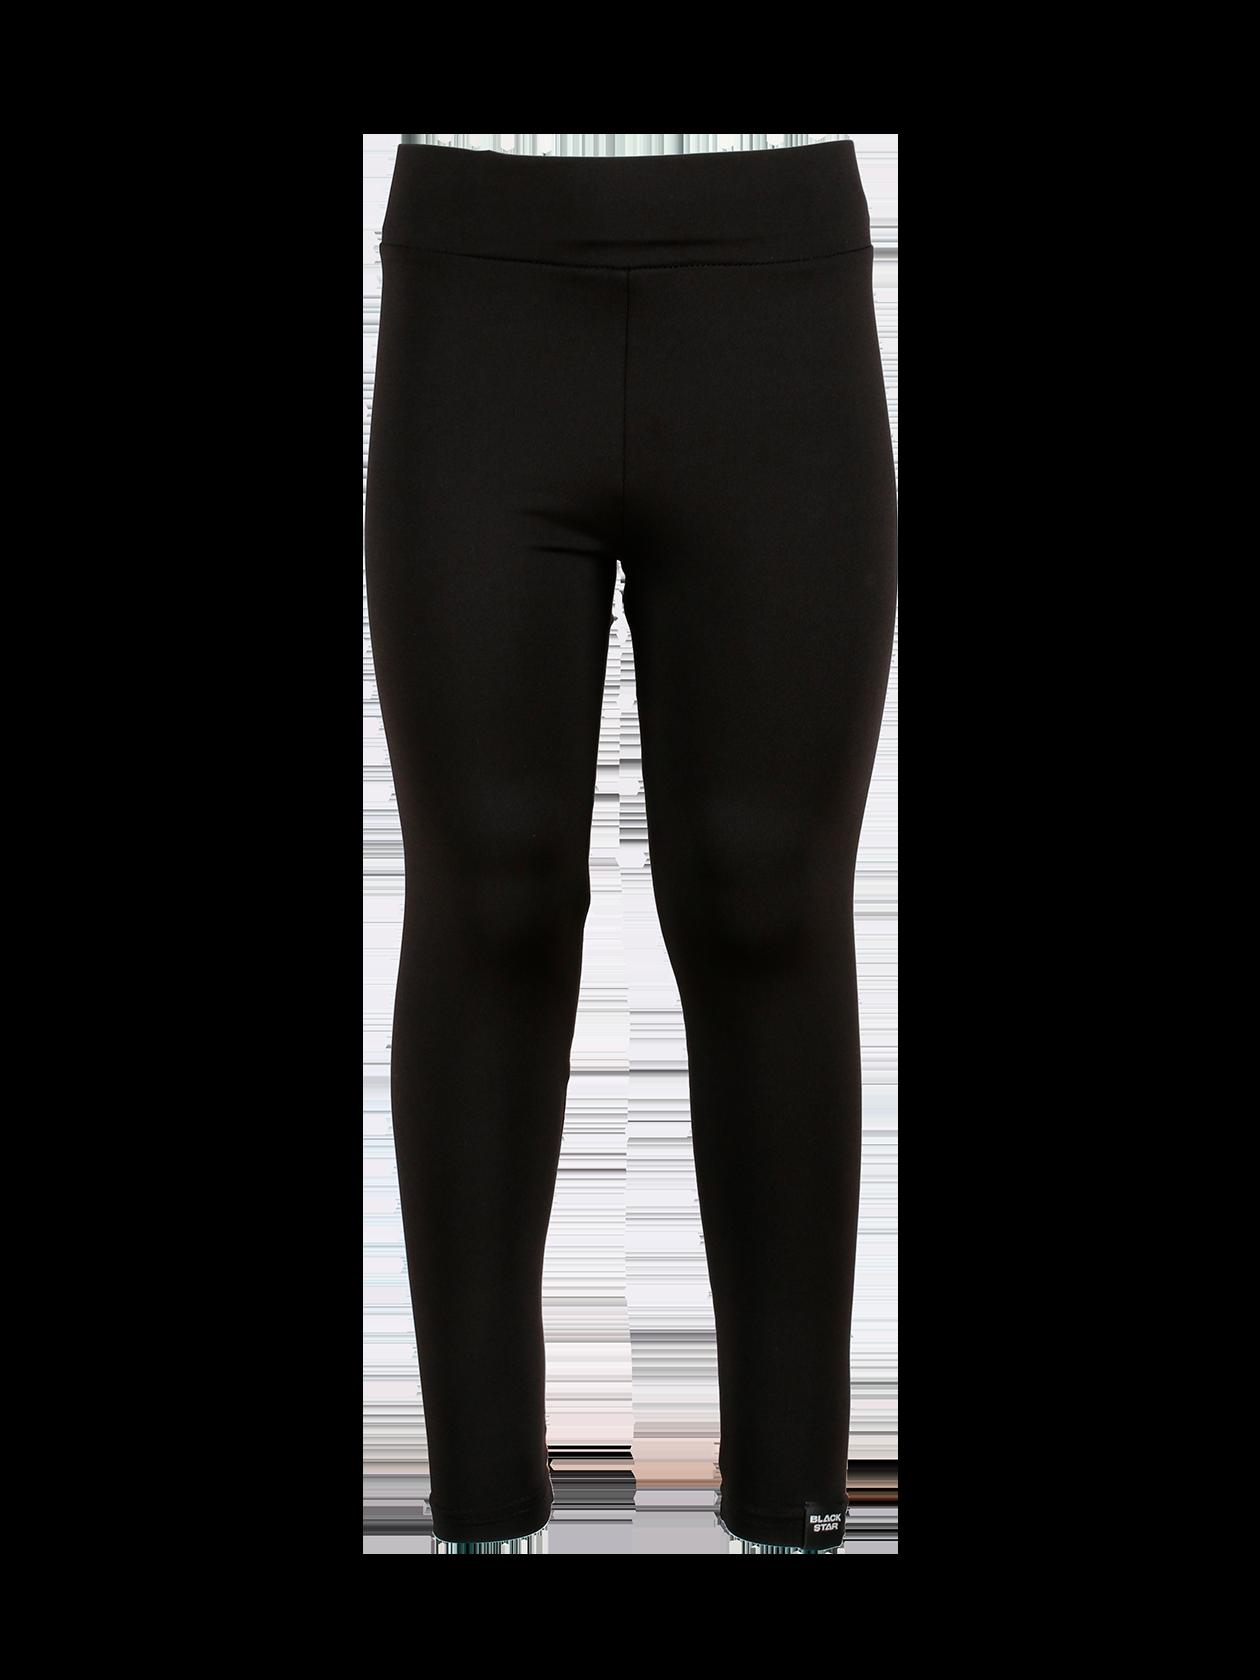 Леггинсы детские BLACK CLASSICДетские леггинсы Black Classic из линейки Basic – отличный выбор для частой носки. Модель облегающей формы с широким поясом хорошо фиксирует вещь по фигуре, сохраняя привычную активность ребенка. Базовая черная расцветка, лаконичный дизайн. Материал изготовления – бленд высококачественного хлопкового полотна с добавлением эластичной ткани для большей практичности. На левой штанине по нижнему краю оформлена фирменная нашивка с логотипом Black Star.<br><br>Размер: 9-10 years<br>Цвет: Черный<br>Пол: Унисекс